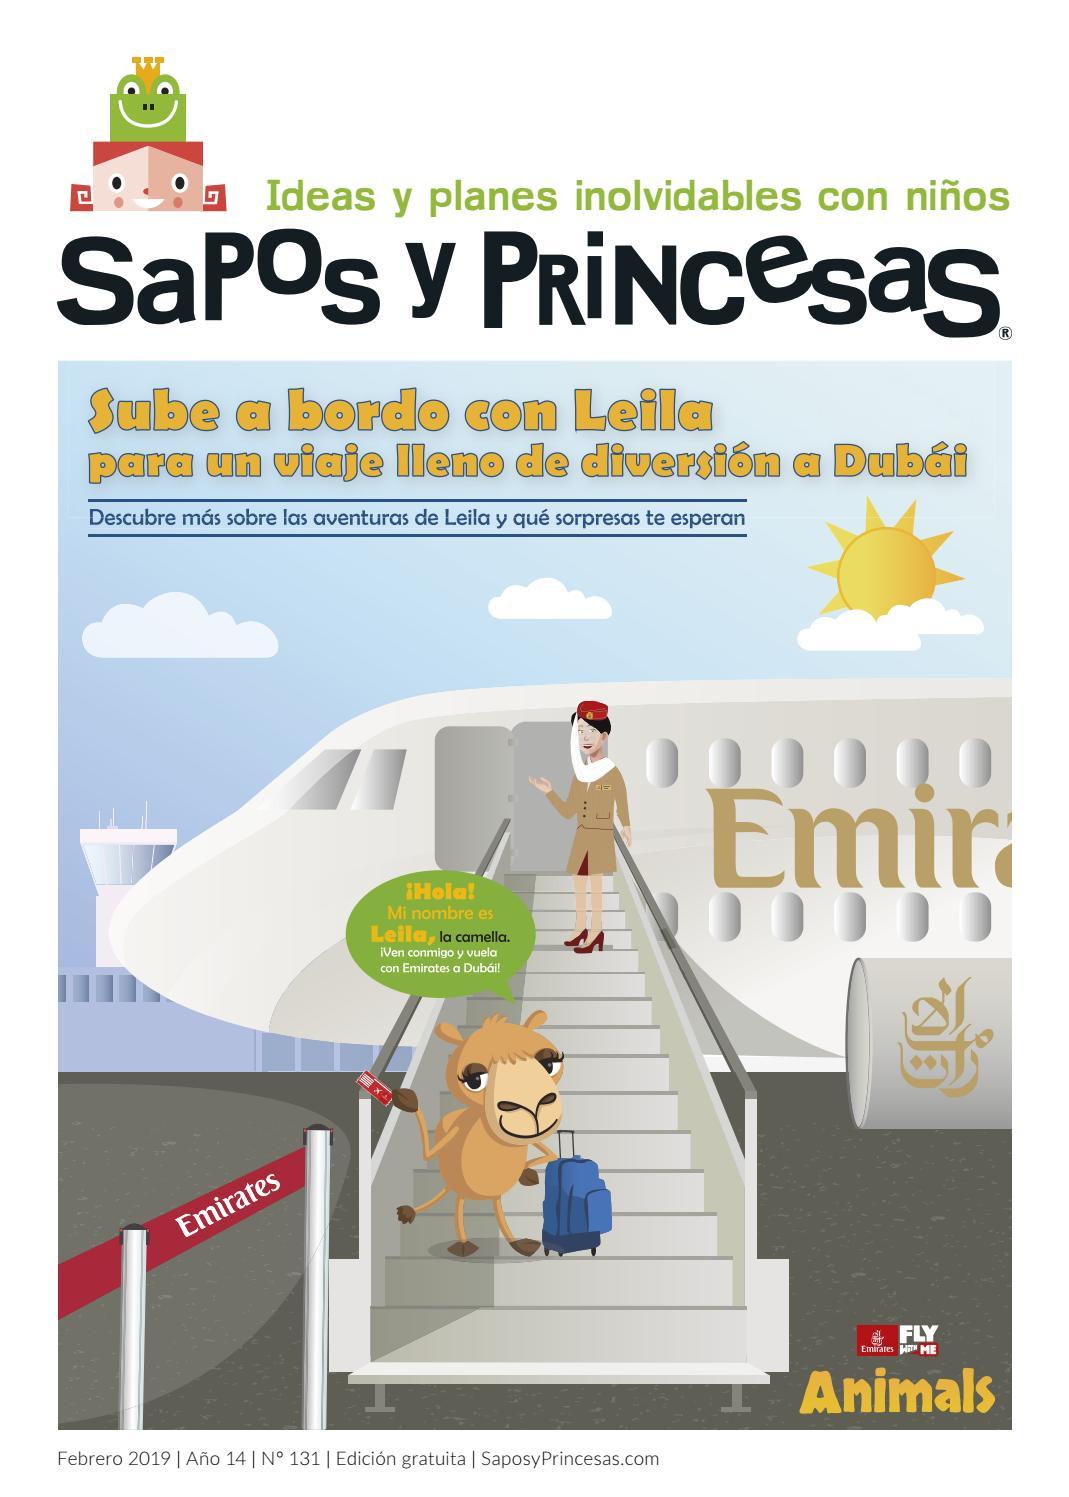 131 Sapos y Princesas Febrero 2019 by SAPOS Y PRINCESAS - issuu 1322a4f0c42